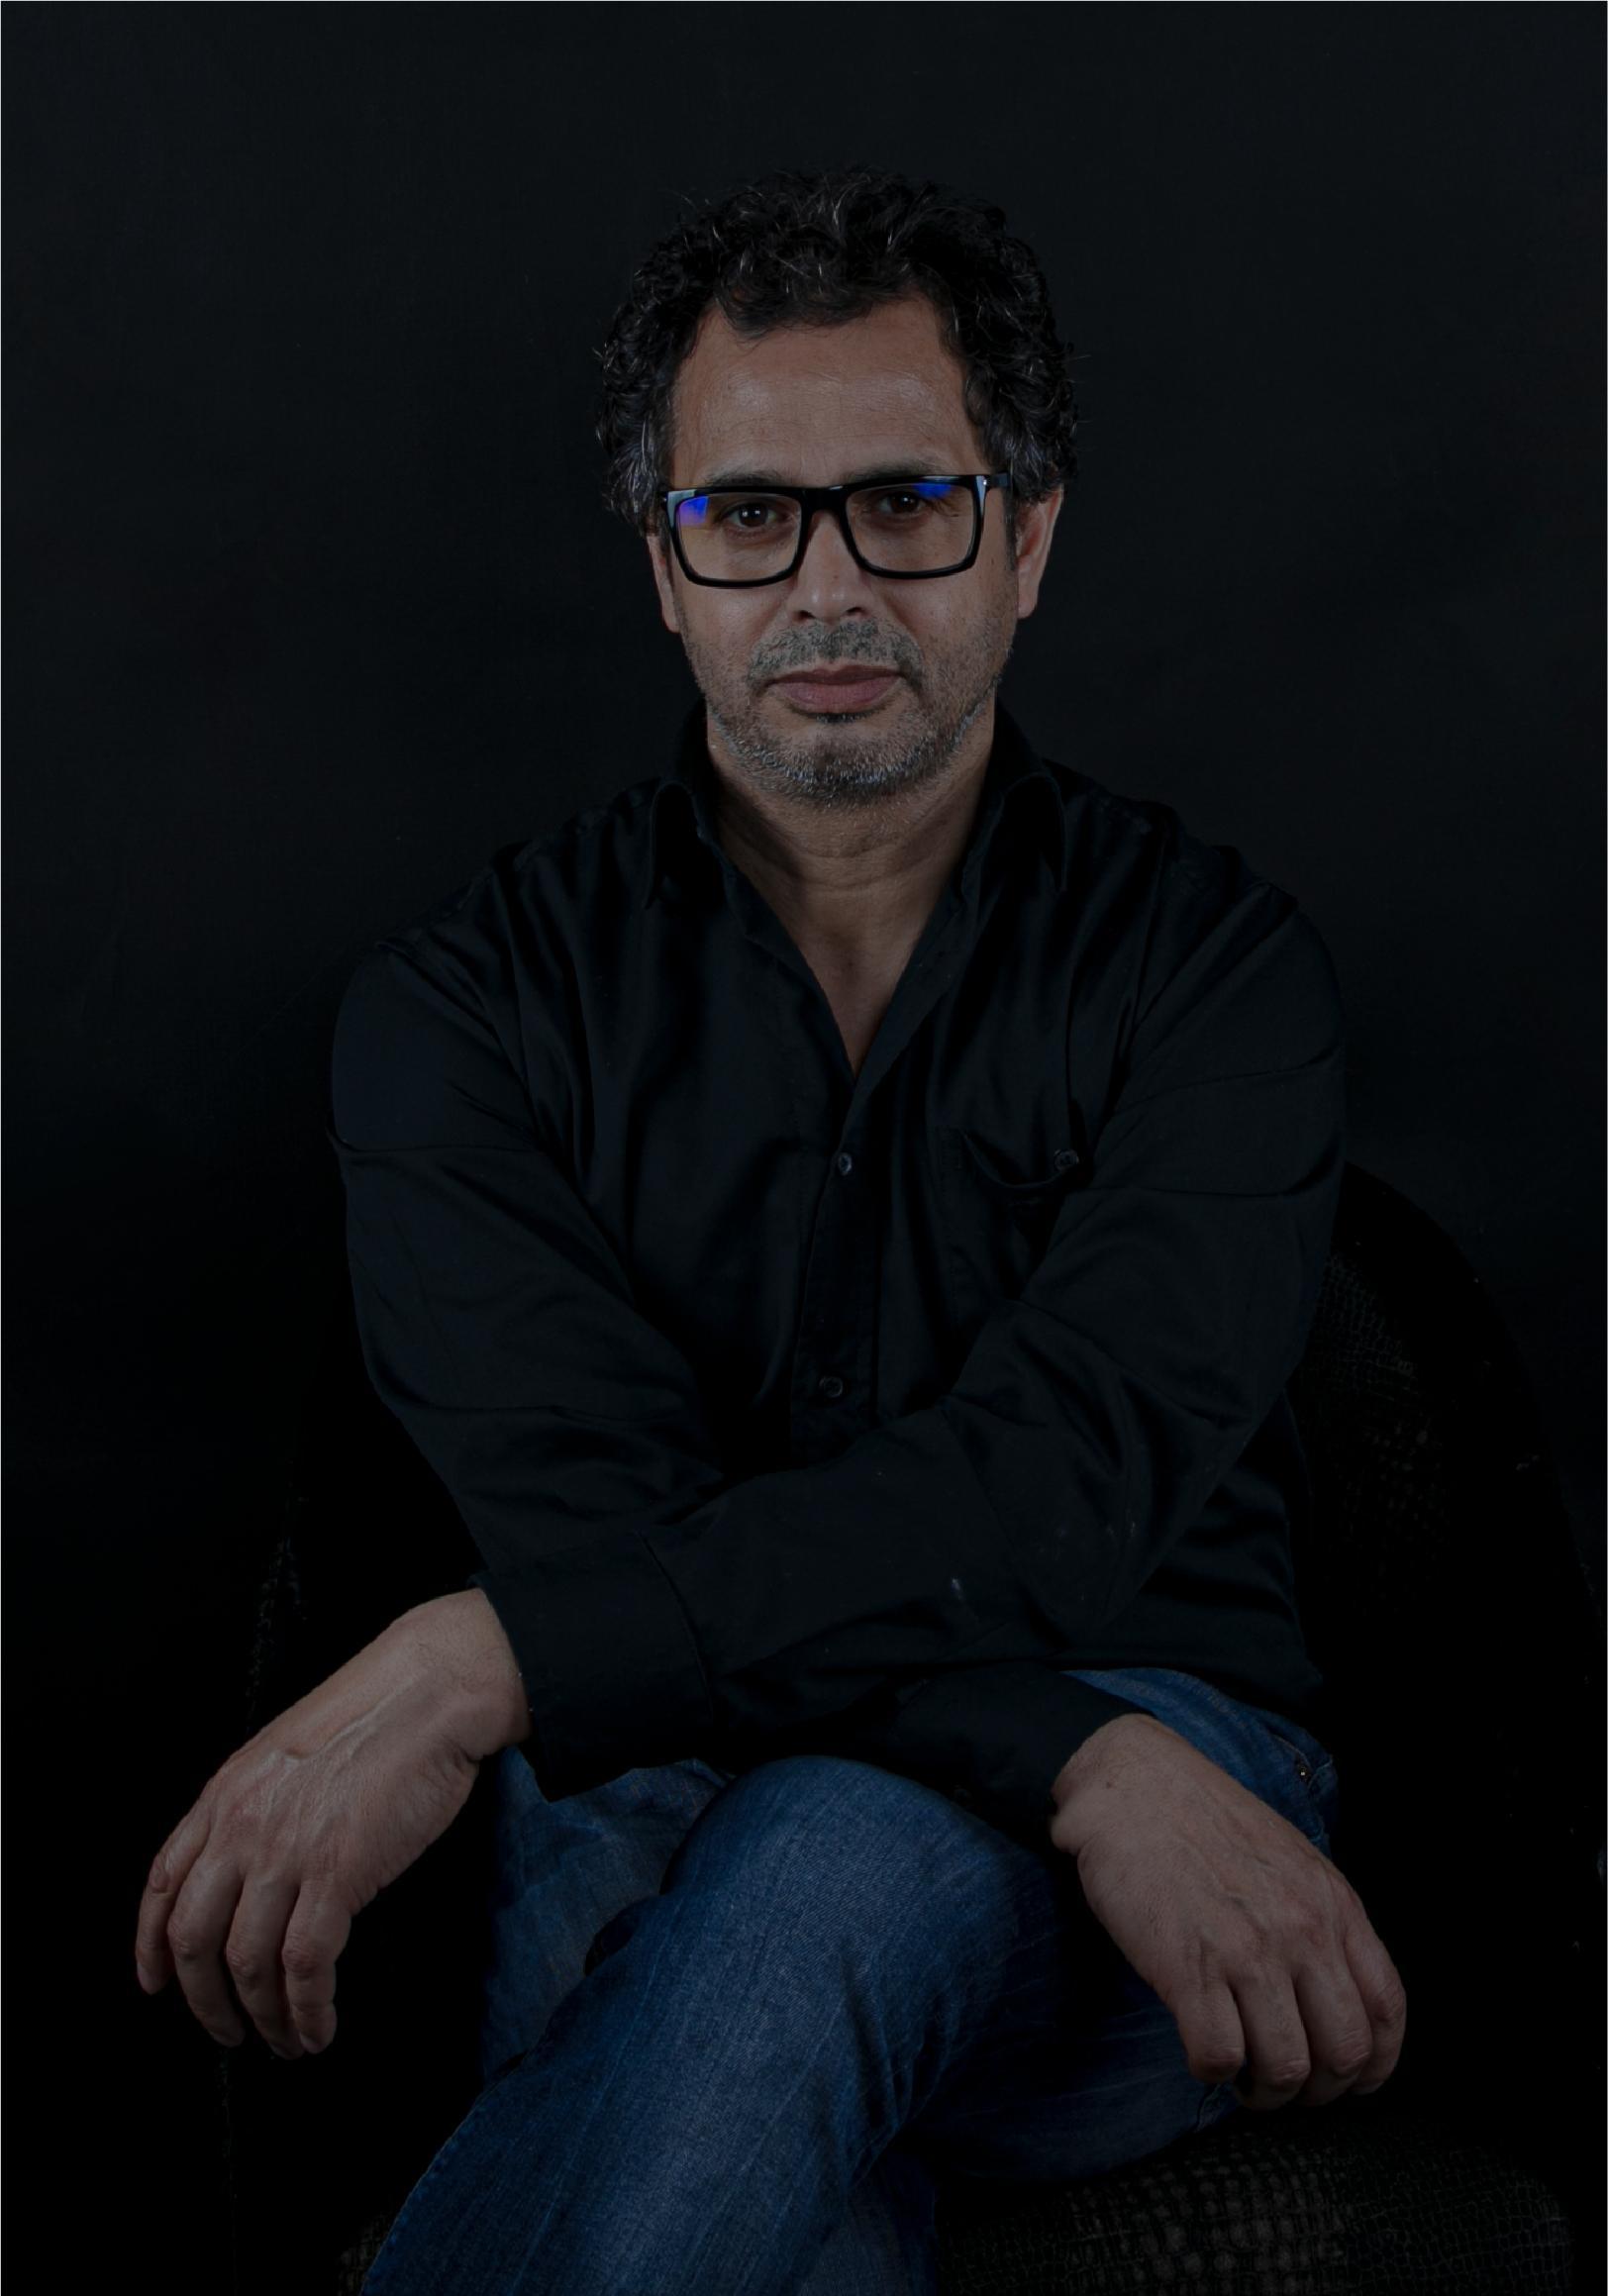 DAIM MOHAMMED - ART DIRECTOR